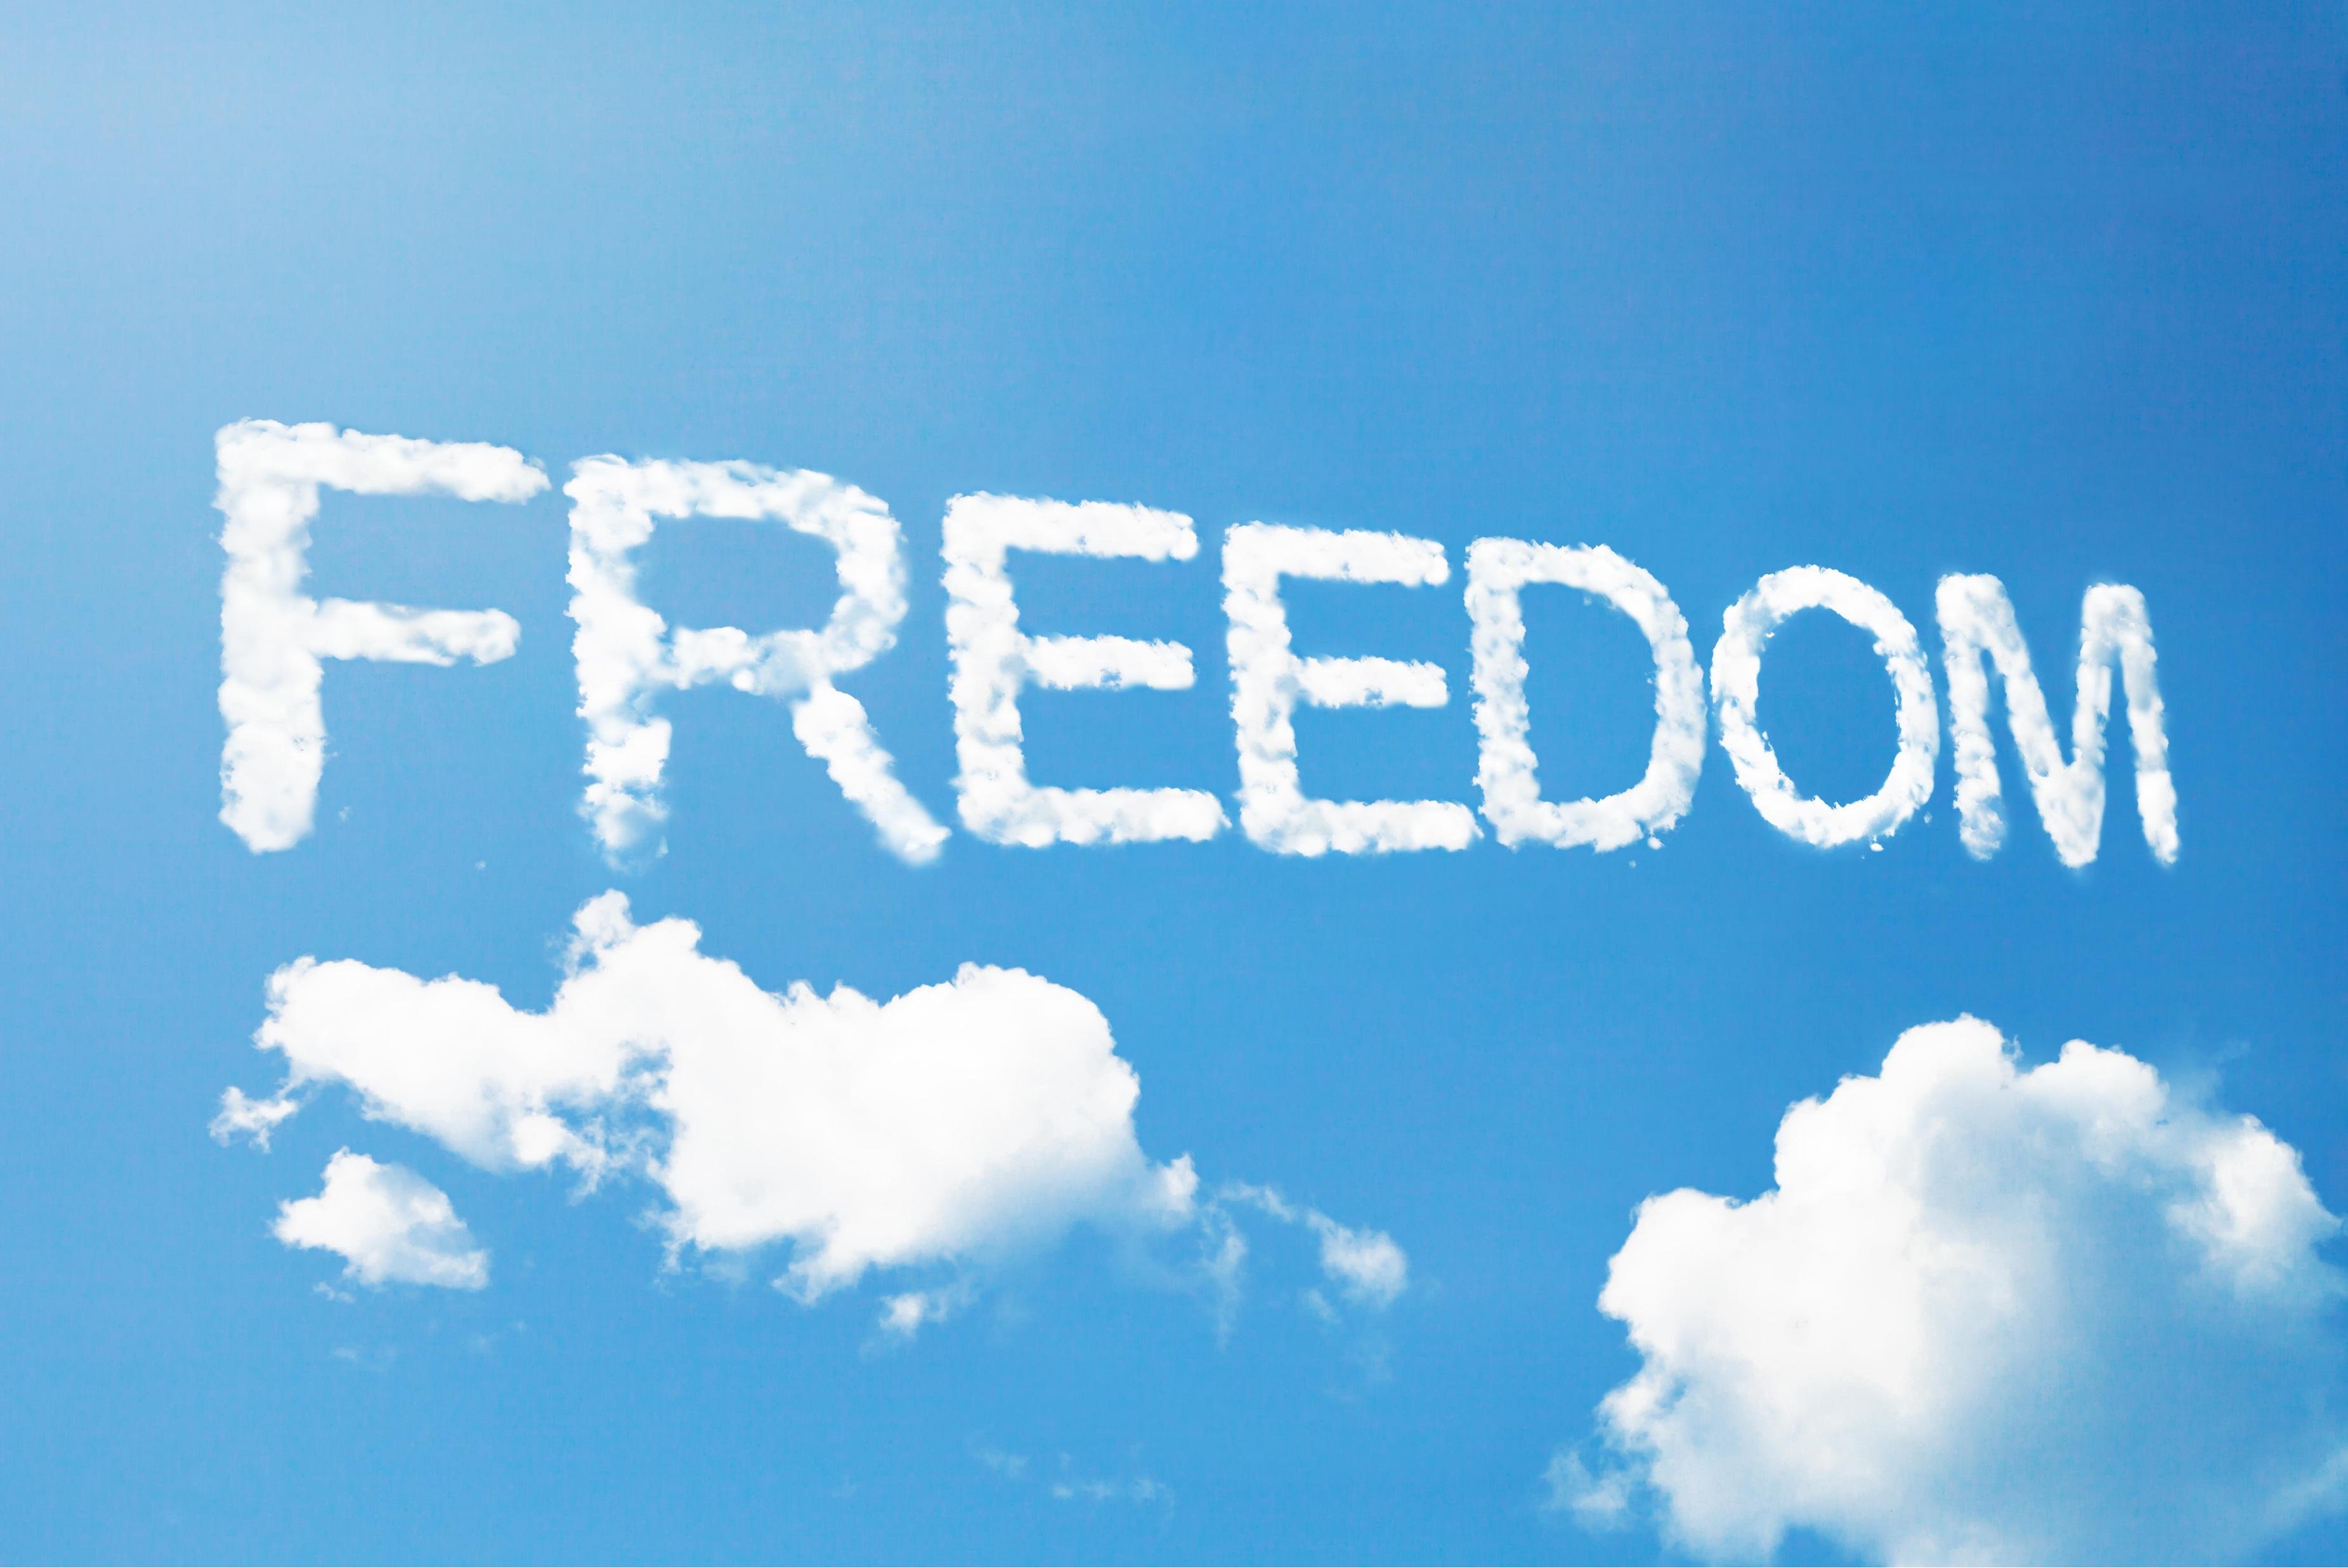 Freedom written in the sky